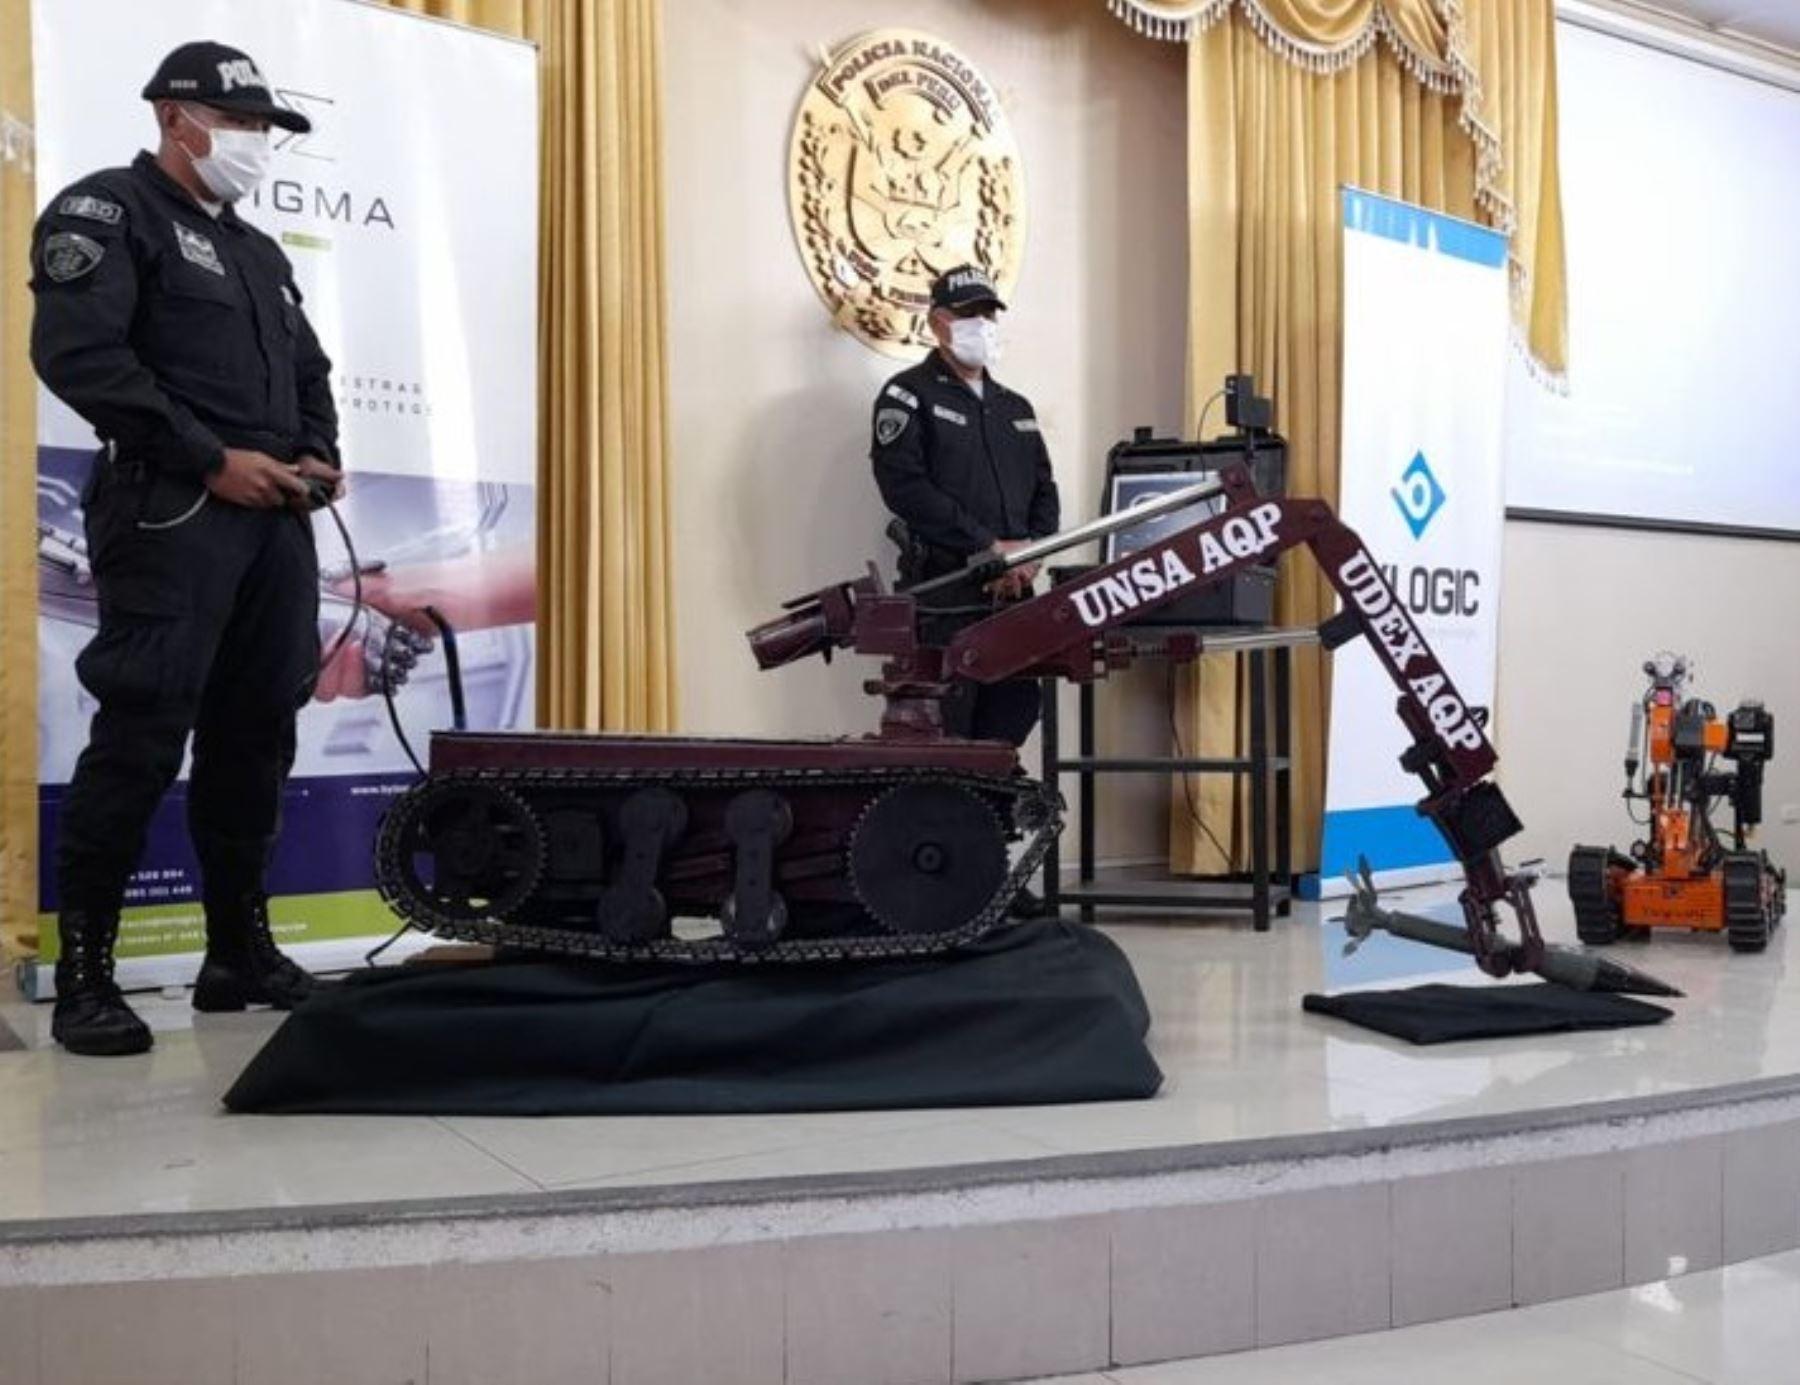 Investigadores de la Universidad Nacional de San Agustín de Arequipa desarrollan un prototipo de robot desactivador de explosivos que ayudará a la labor de la Policía Nacional. ANDINA/Difusión